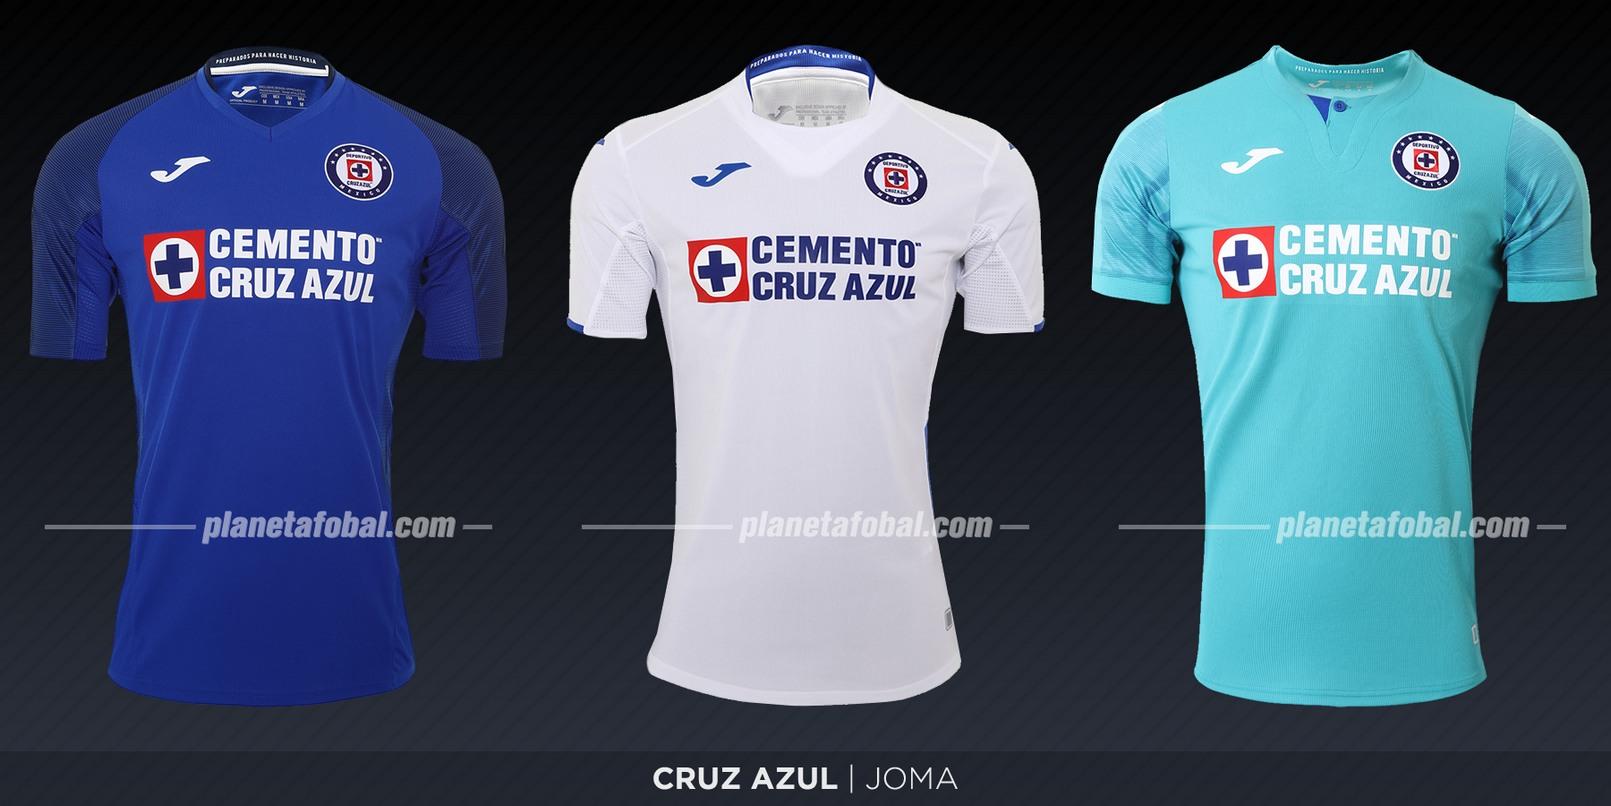 Cruz Azul (Joma) | Camisetas de la Liga MX 2019-2020